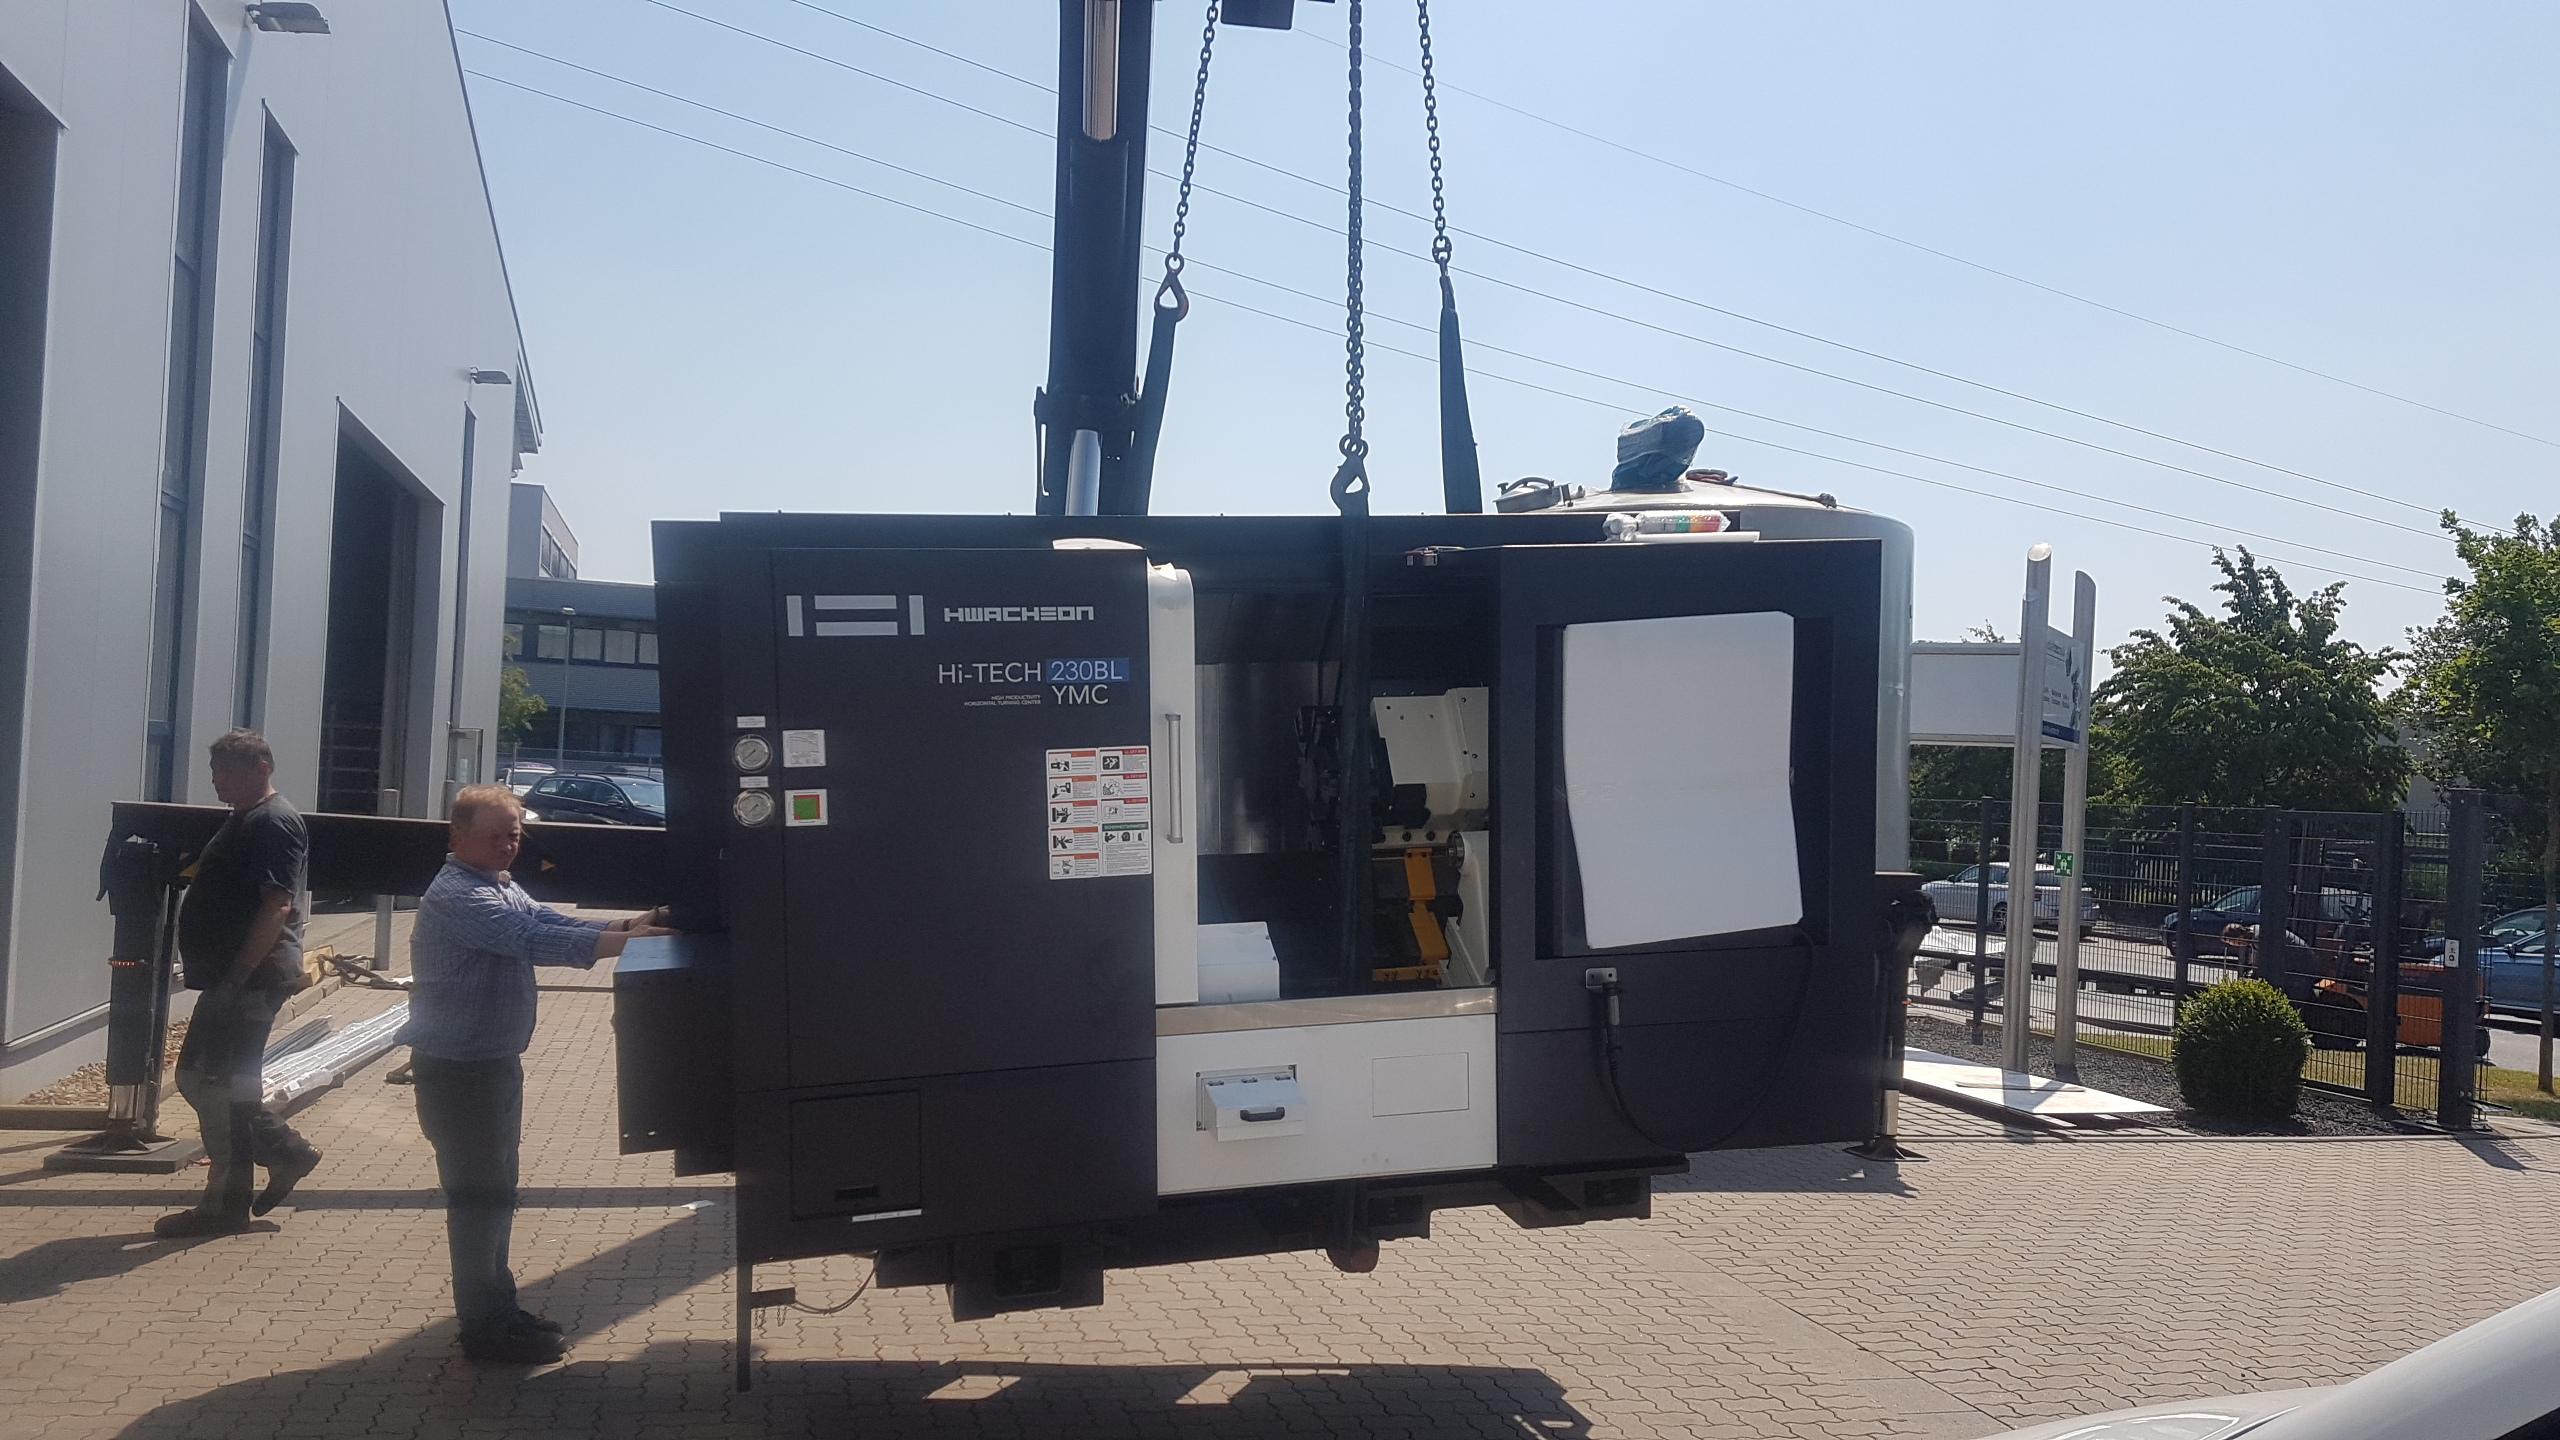 Noch eine Neumaschine von Hwacheon. Auslieferung der CNC- Drehmaschine Hwacheon HiTech 230